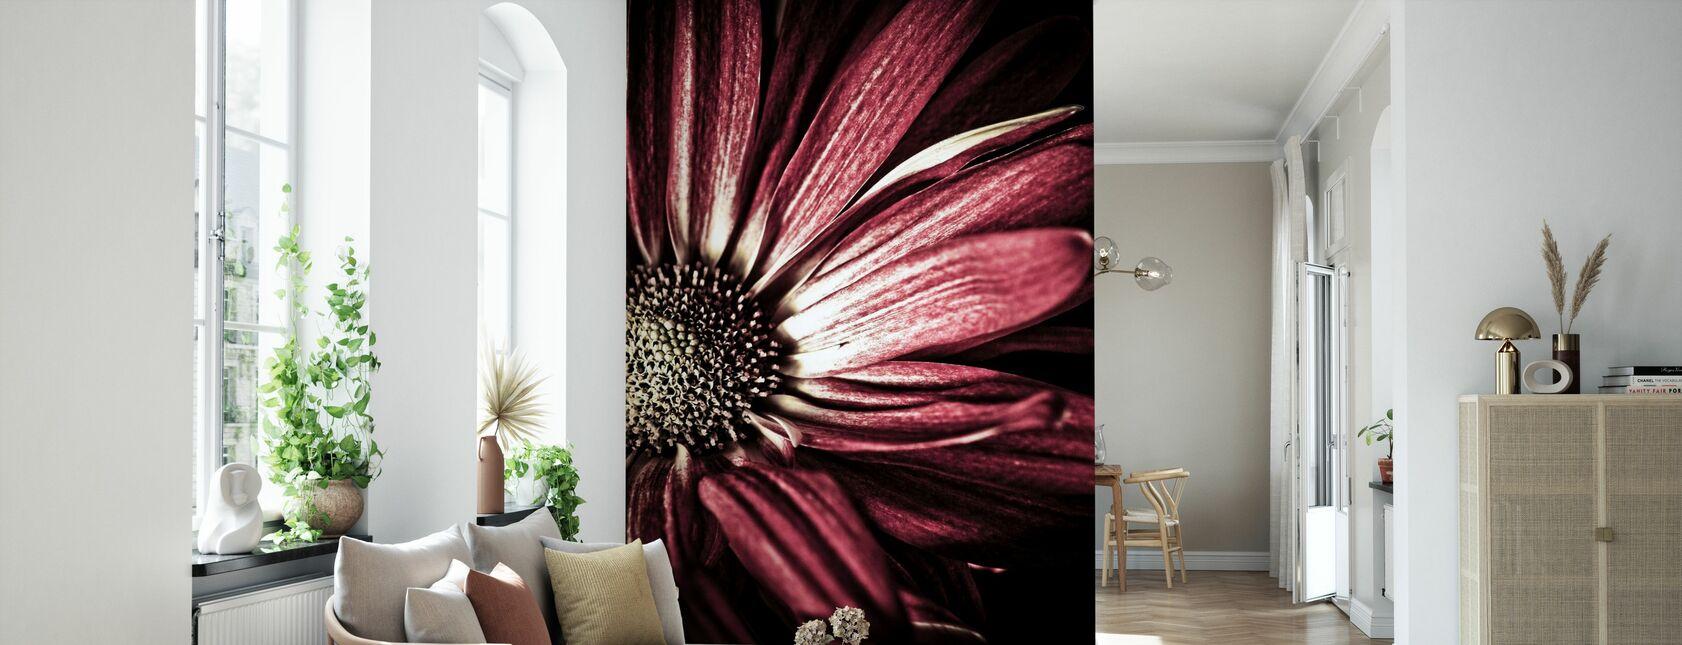 Dark Daisy - Wallpaper - Living Room